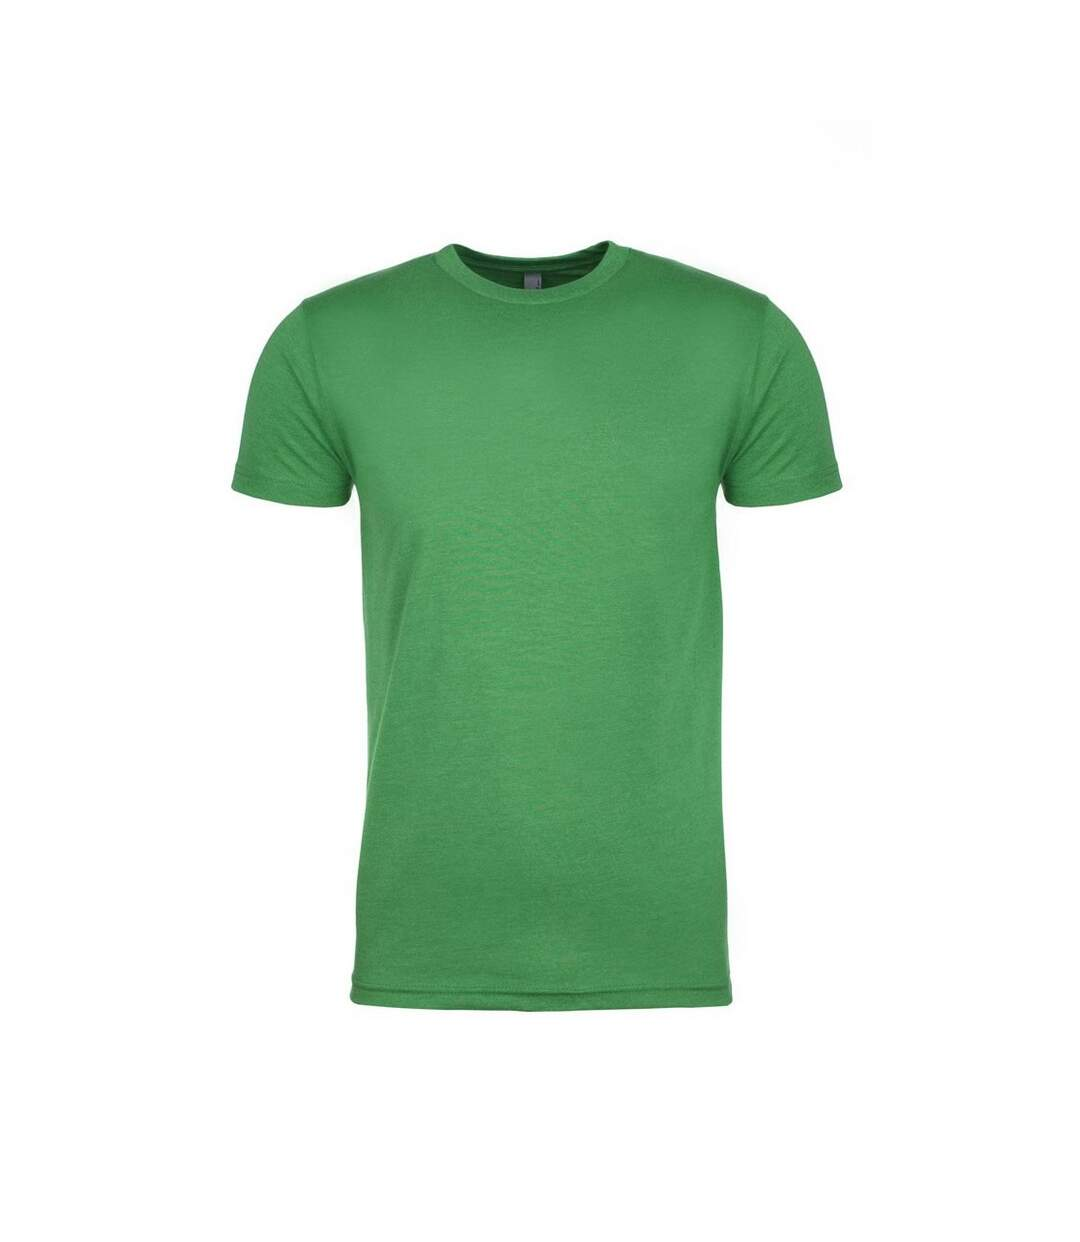 Next Level Adults Unisex CVC Crew Neck T-Shirt (Kelly Green) - UTPC3480